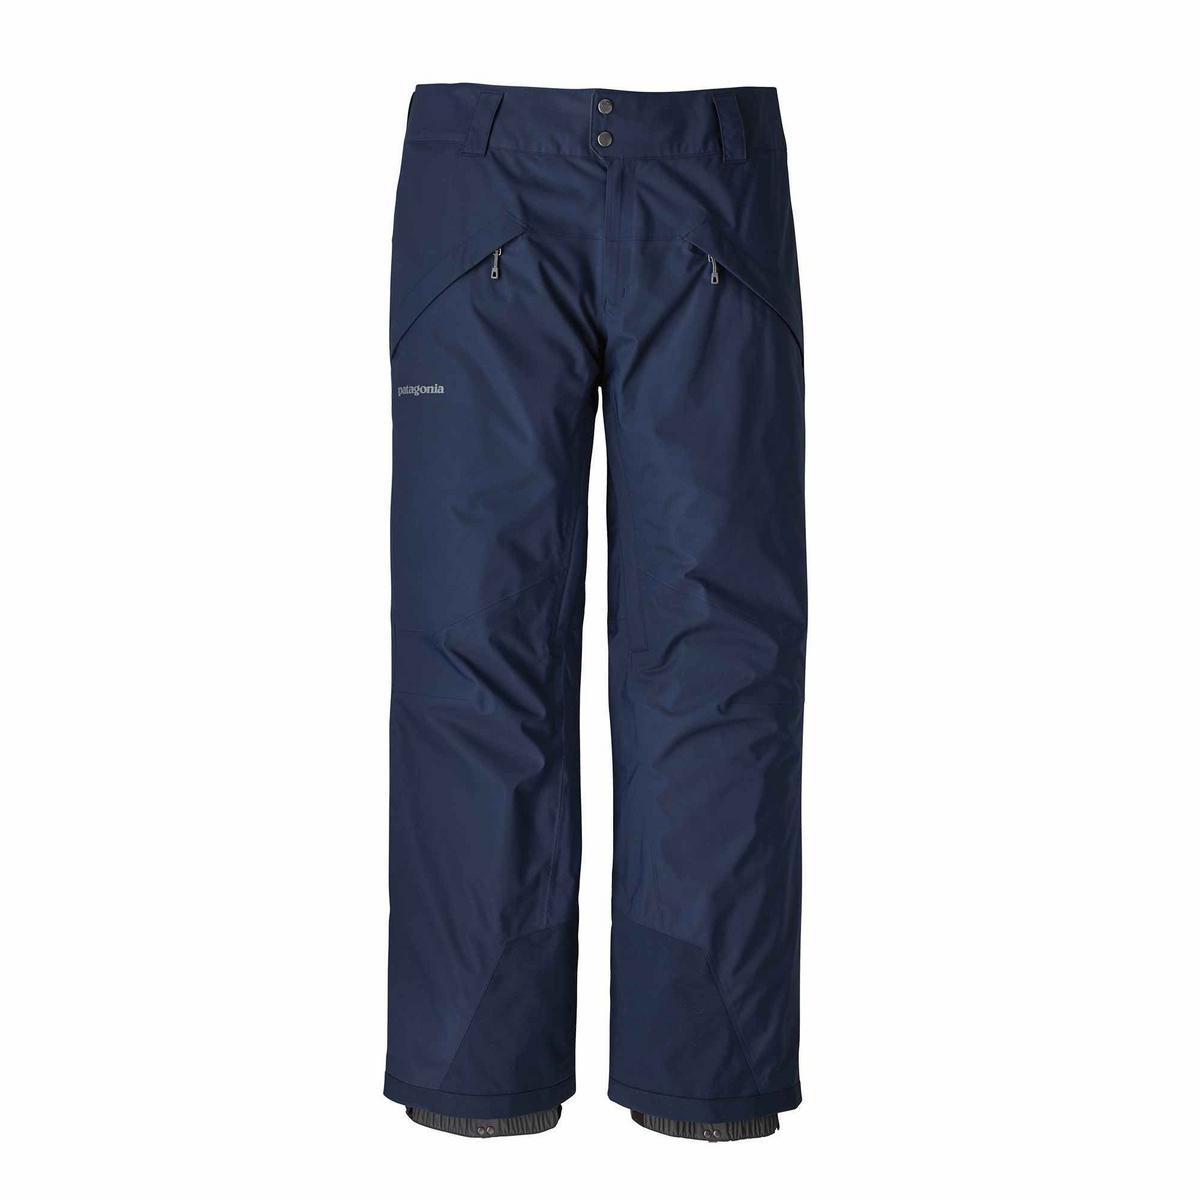 Patagonia Men's Snowshot Pants - Navy